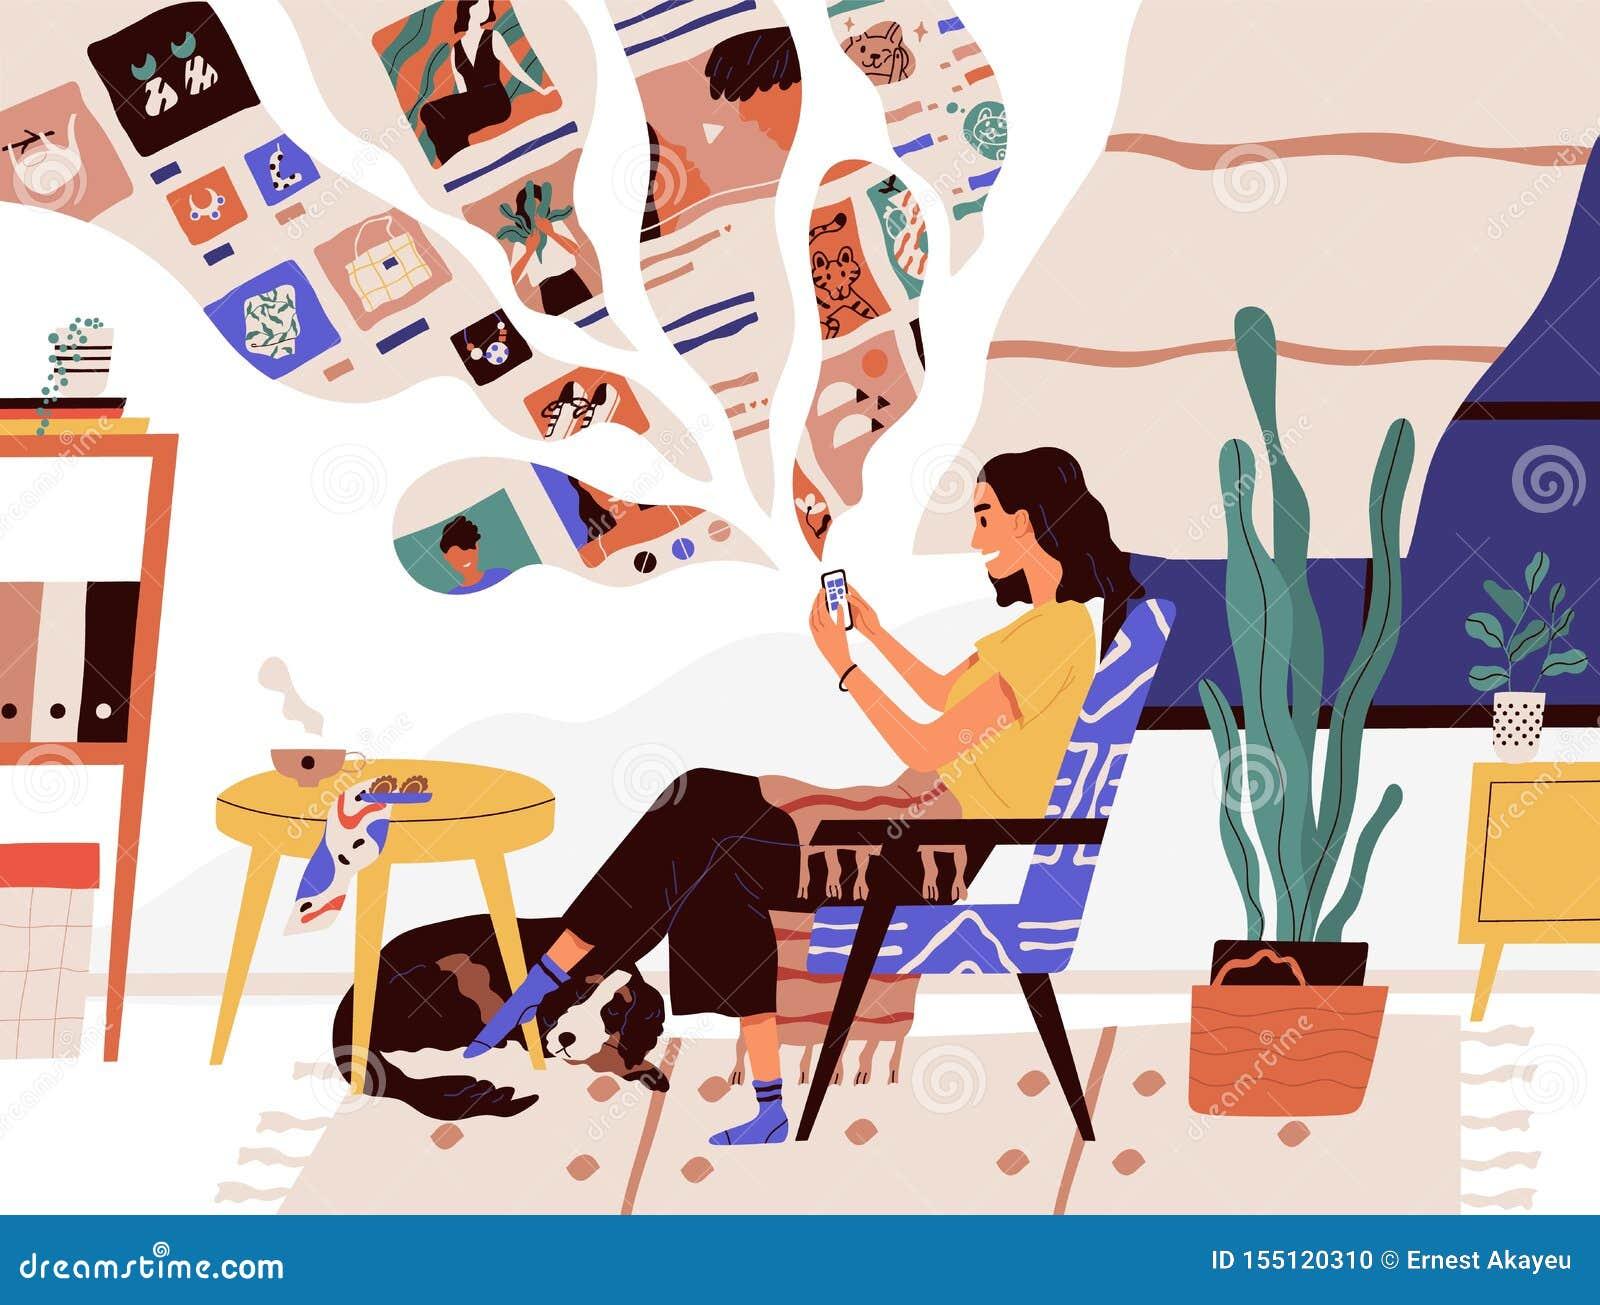 Χαριτωμένη αστεία συνεδρίαση κοριτσιών στη comfy πολυθρόνα και κάνοντας σερφ Διαδίκτυο στο smartphone της Χρησιμοποίηση γυναικών